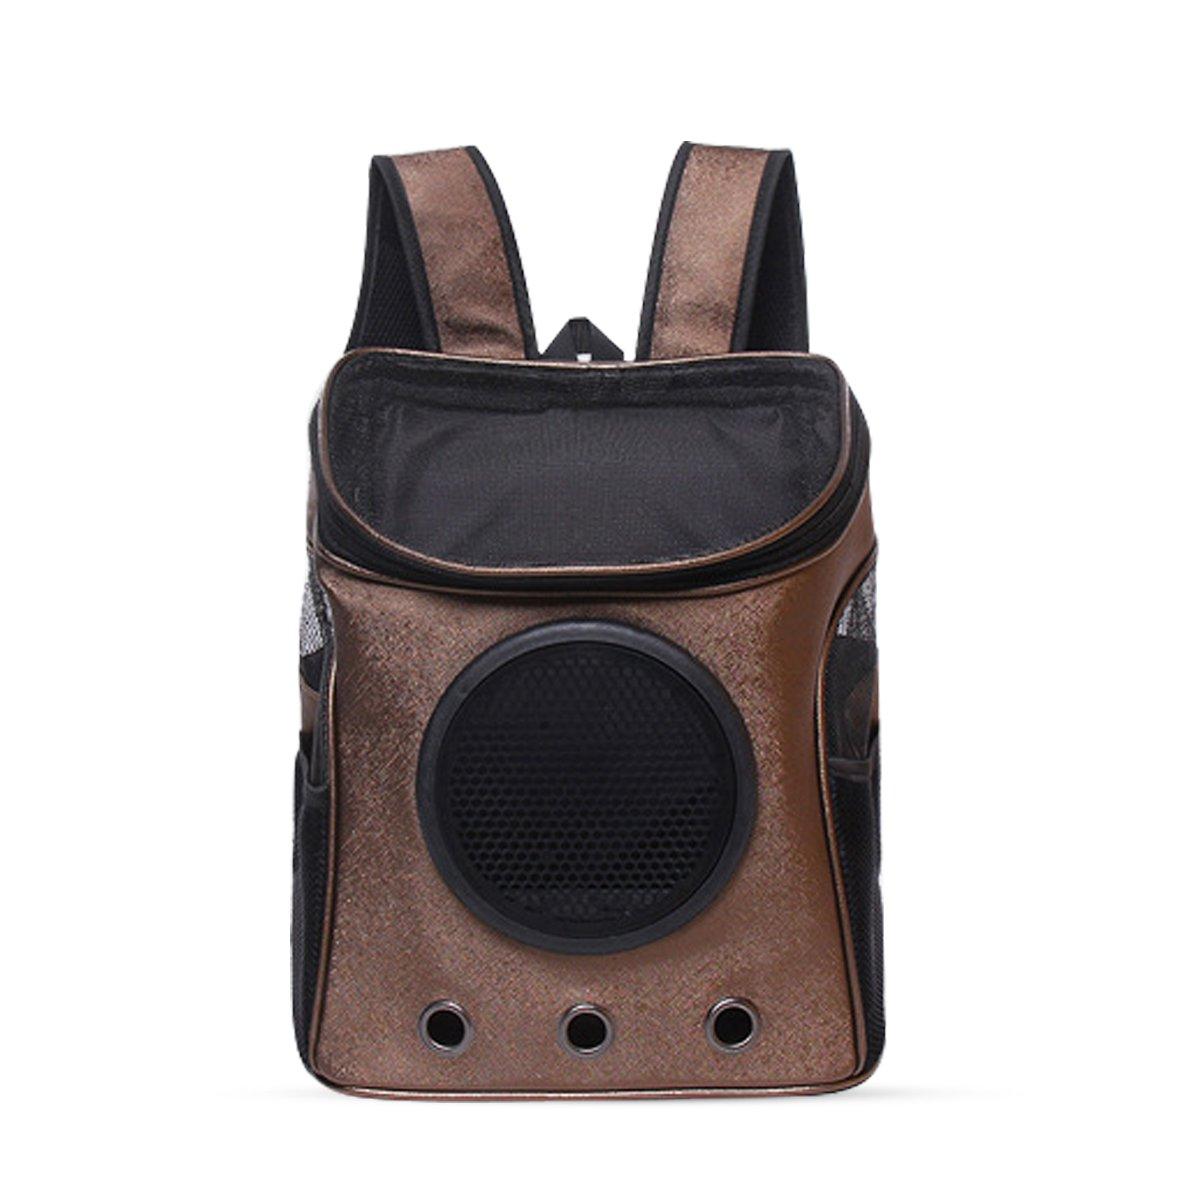 PETCUTE Sac à dos de voyage léger pour chat Mesh respirant Windows et sac à dos pour animaux de compagnie extérieur transparent pour petits chiens et chats moyens marron